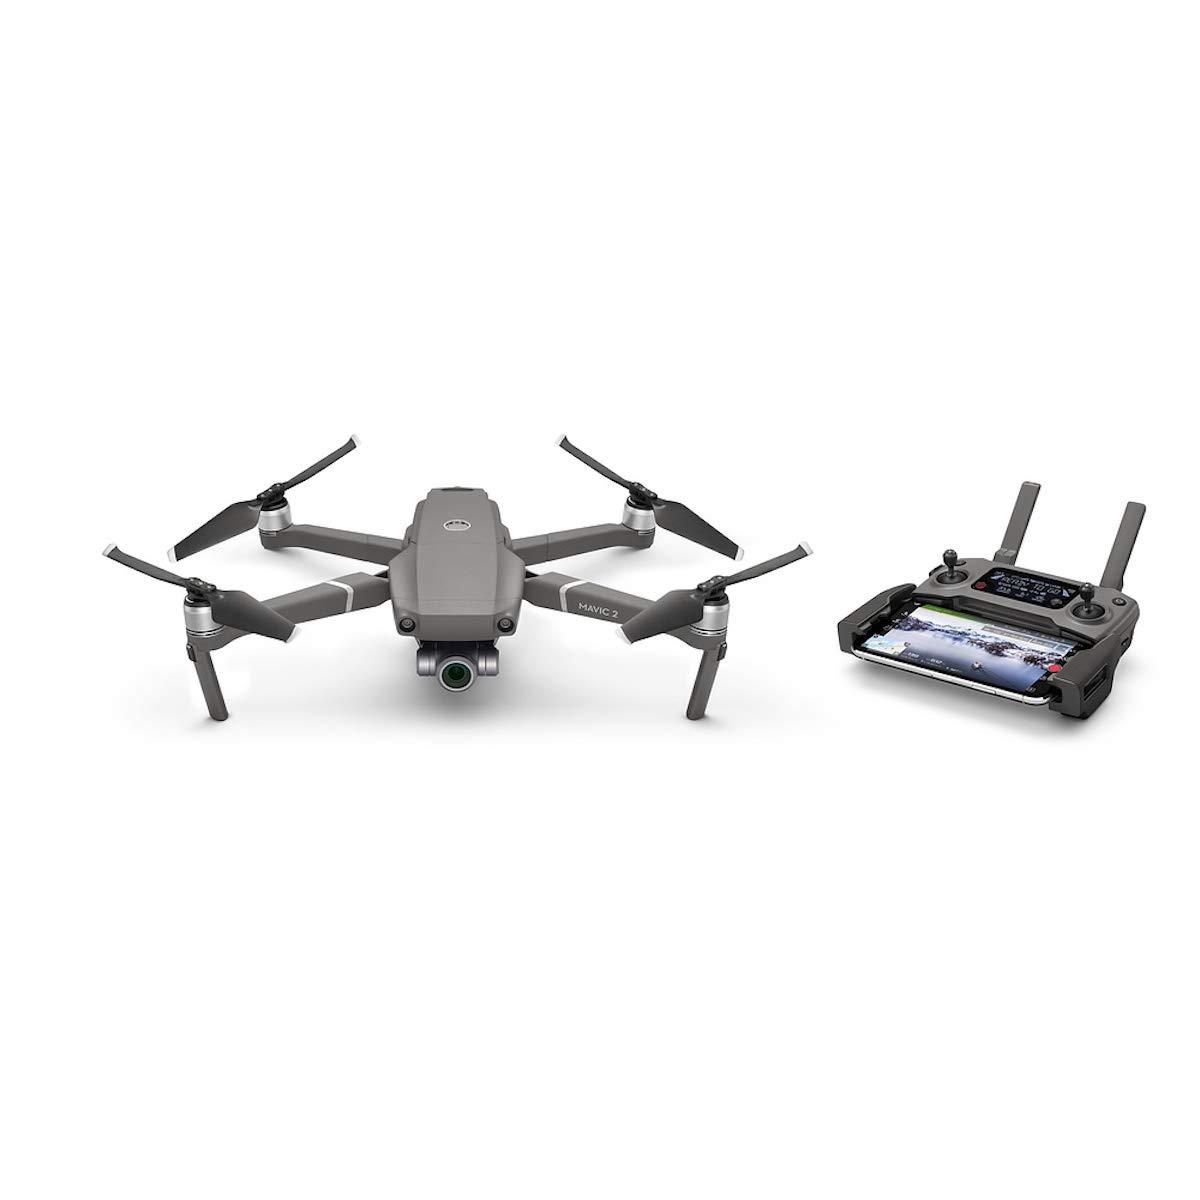 DJI Drone Digital Camera, Grey VISIONUP CANADA INC CP.MA.00000020.01